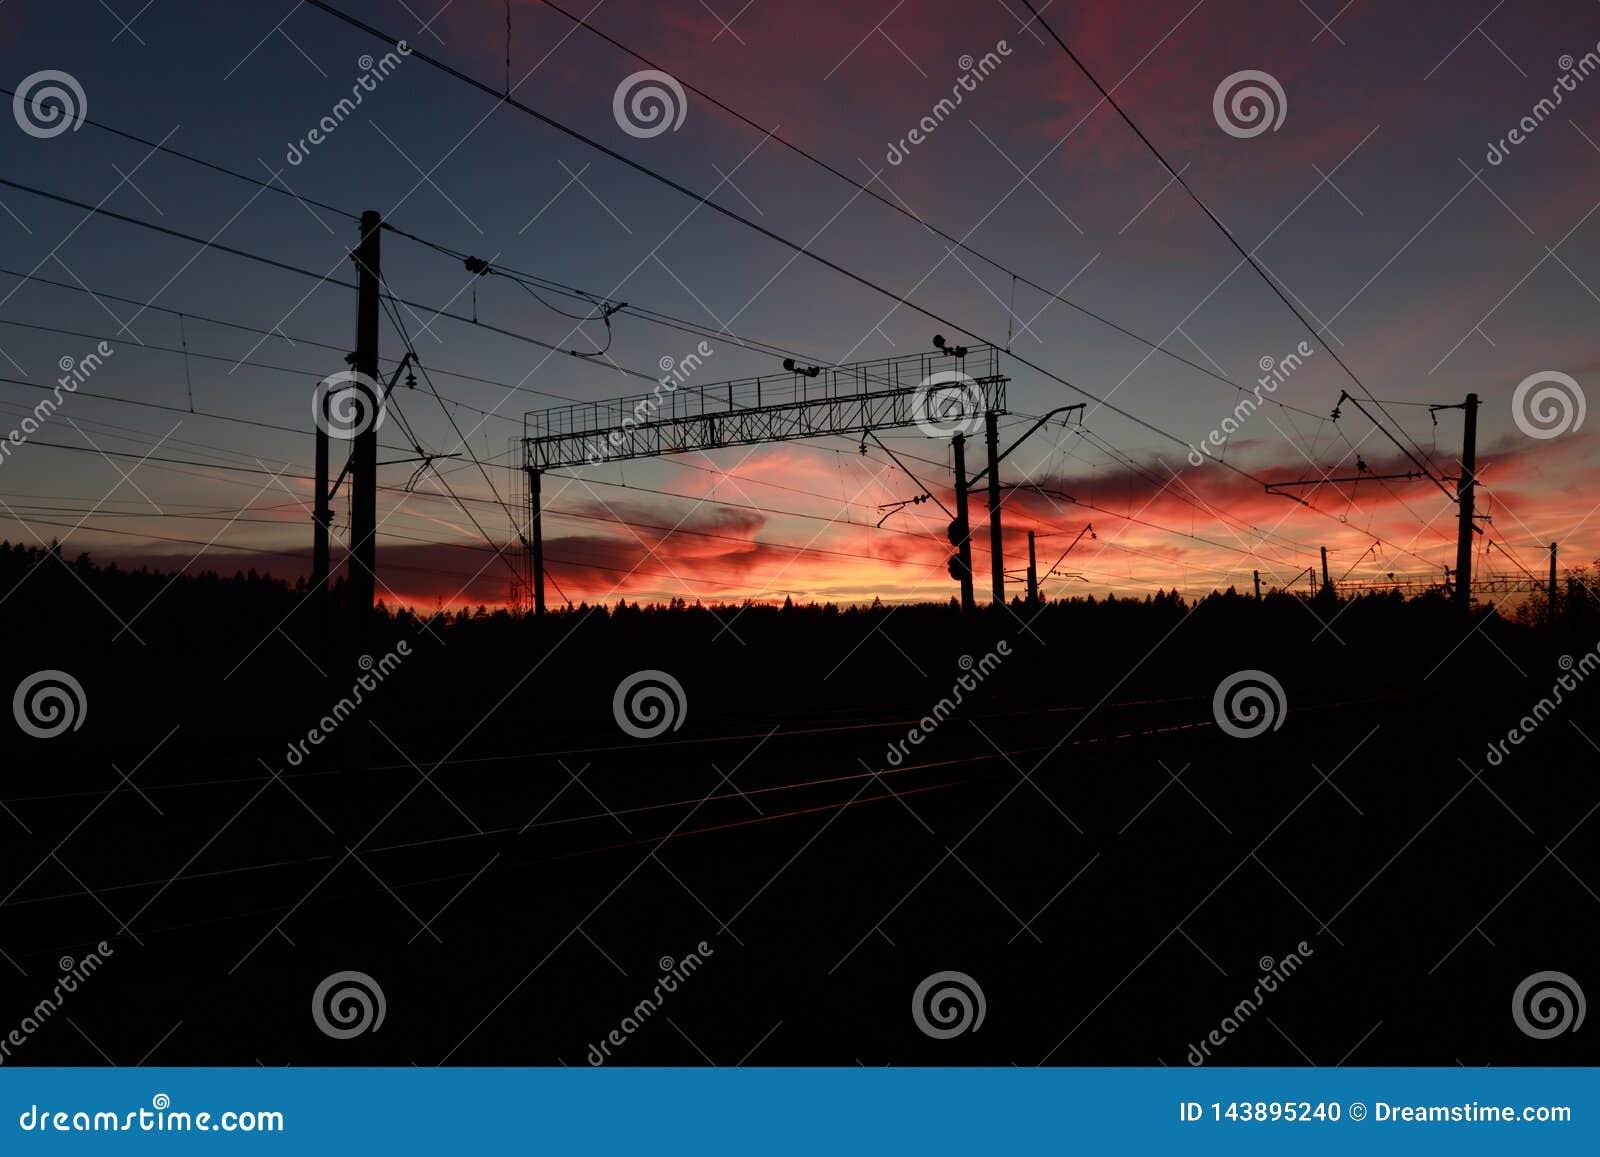 Αιματηρό ηλιοβασίλεμα στο σιδηρόδρομο